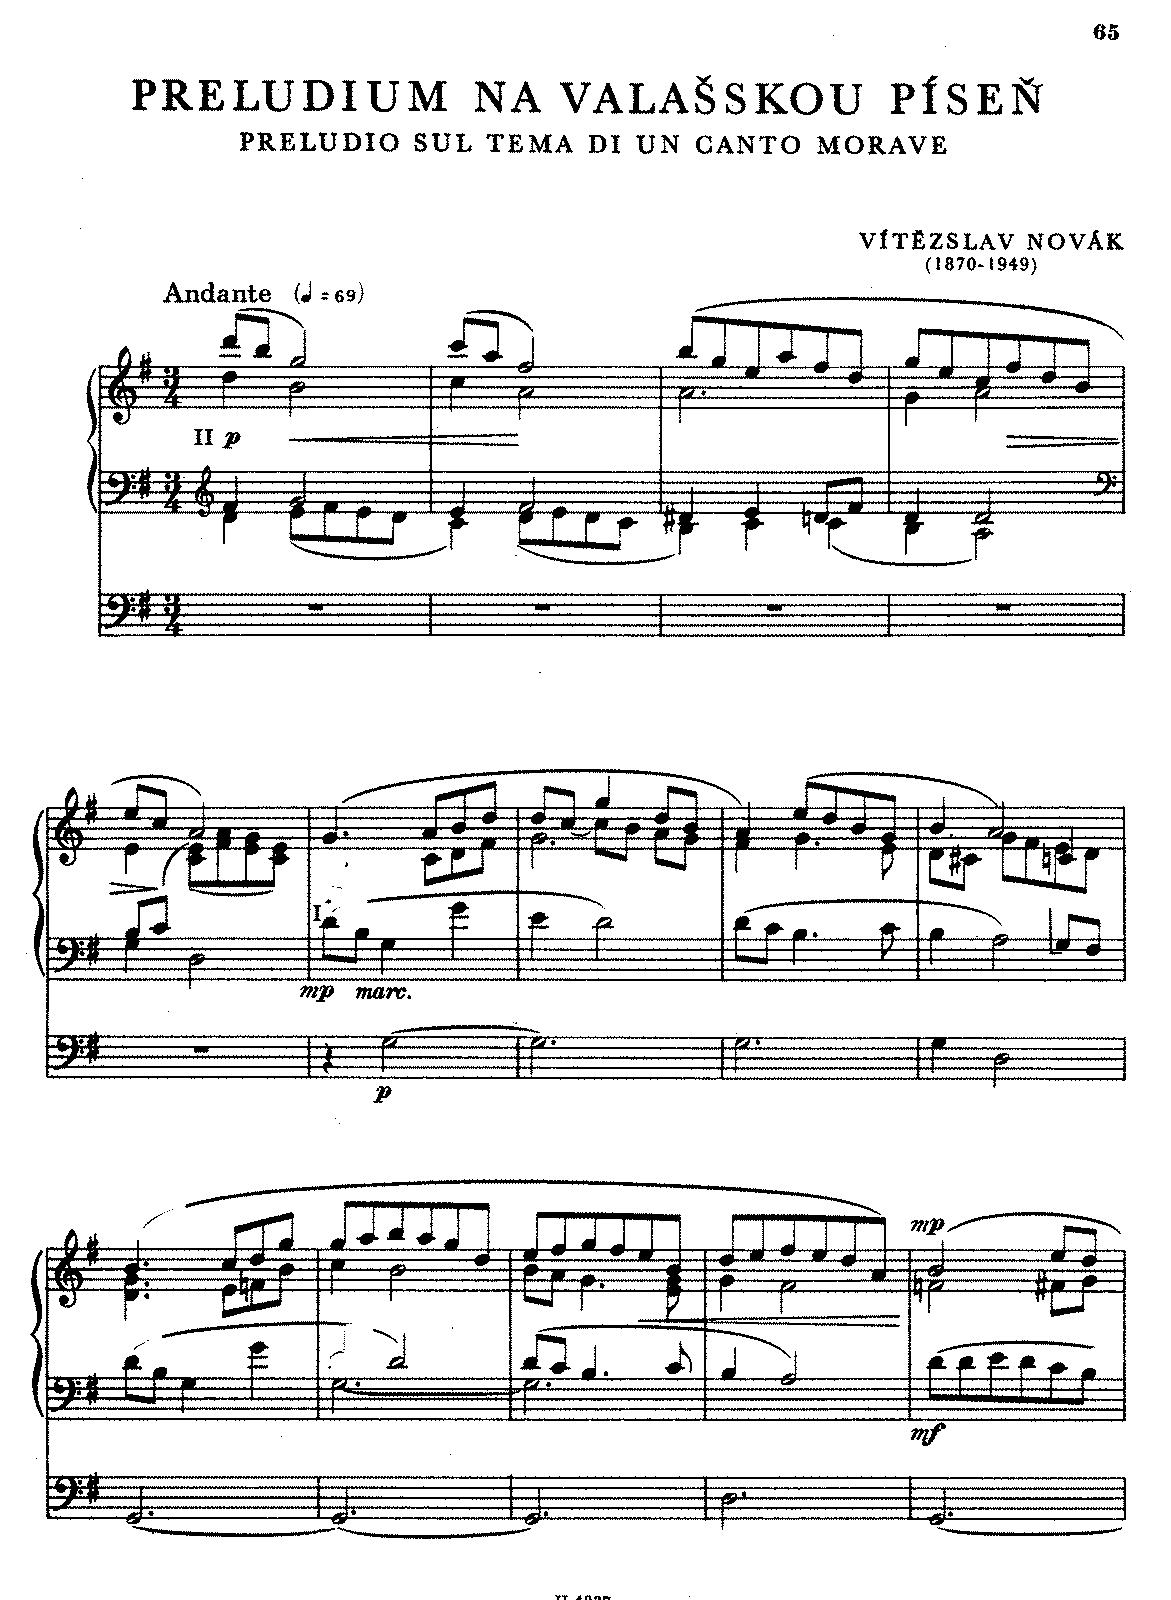 Prelude on a Moravian Folksong (Novák, Vítězslav) - IMSLP/Petrucci